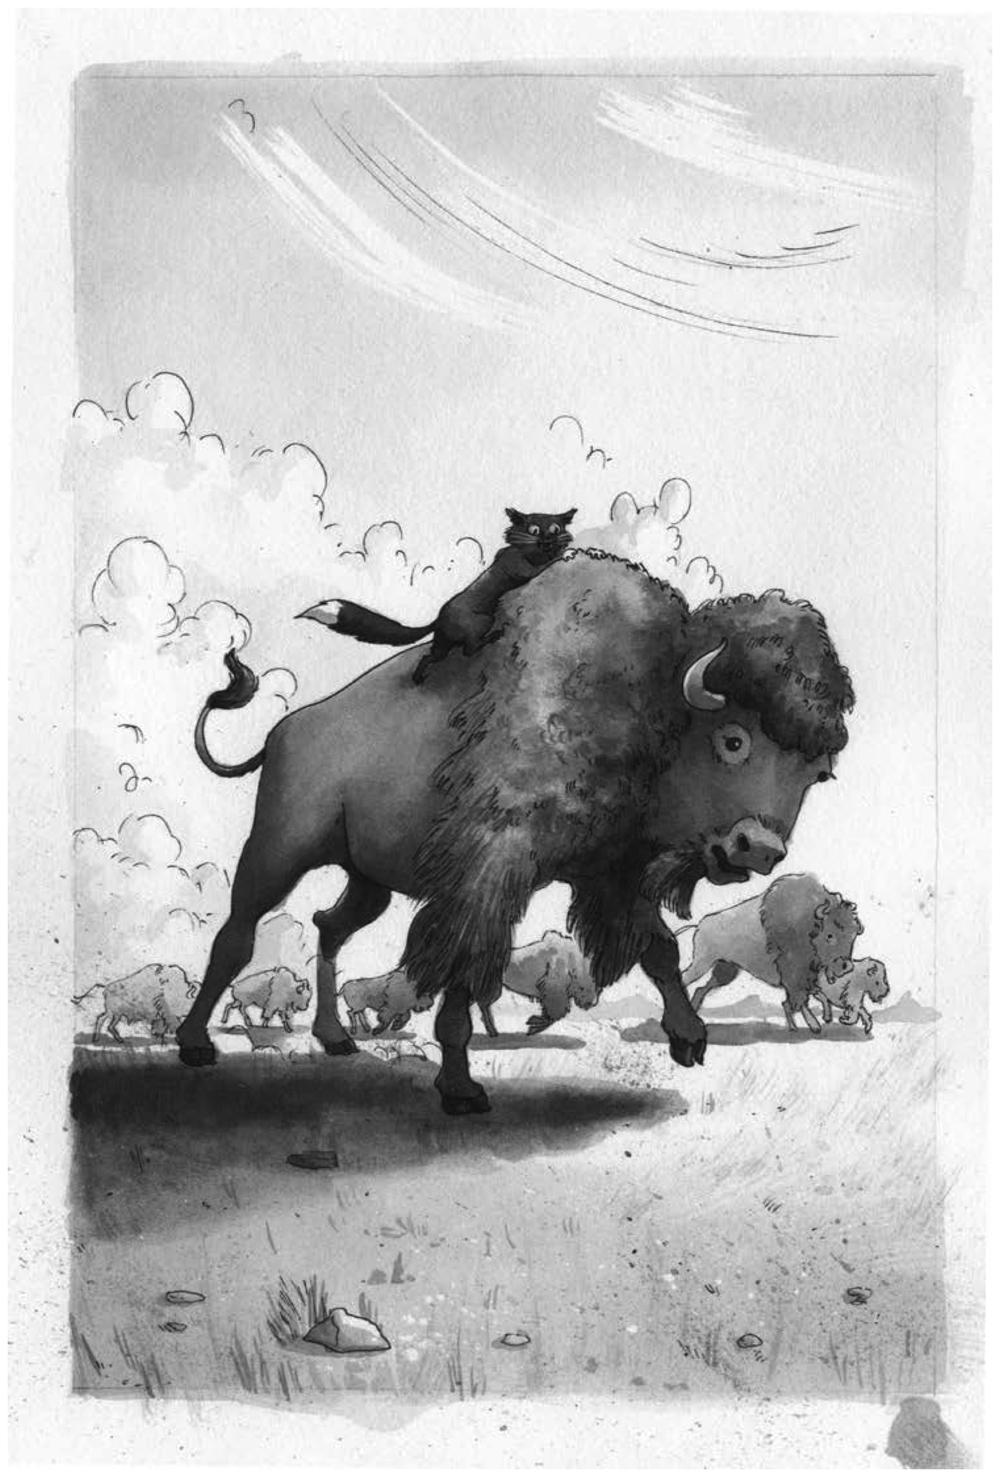 Cecil's wild ride.